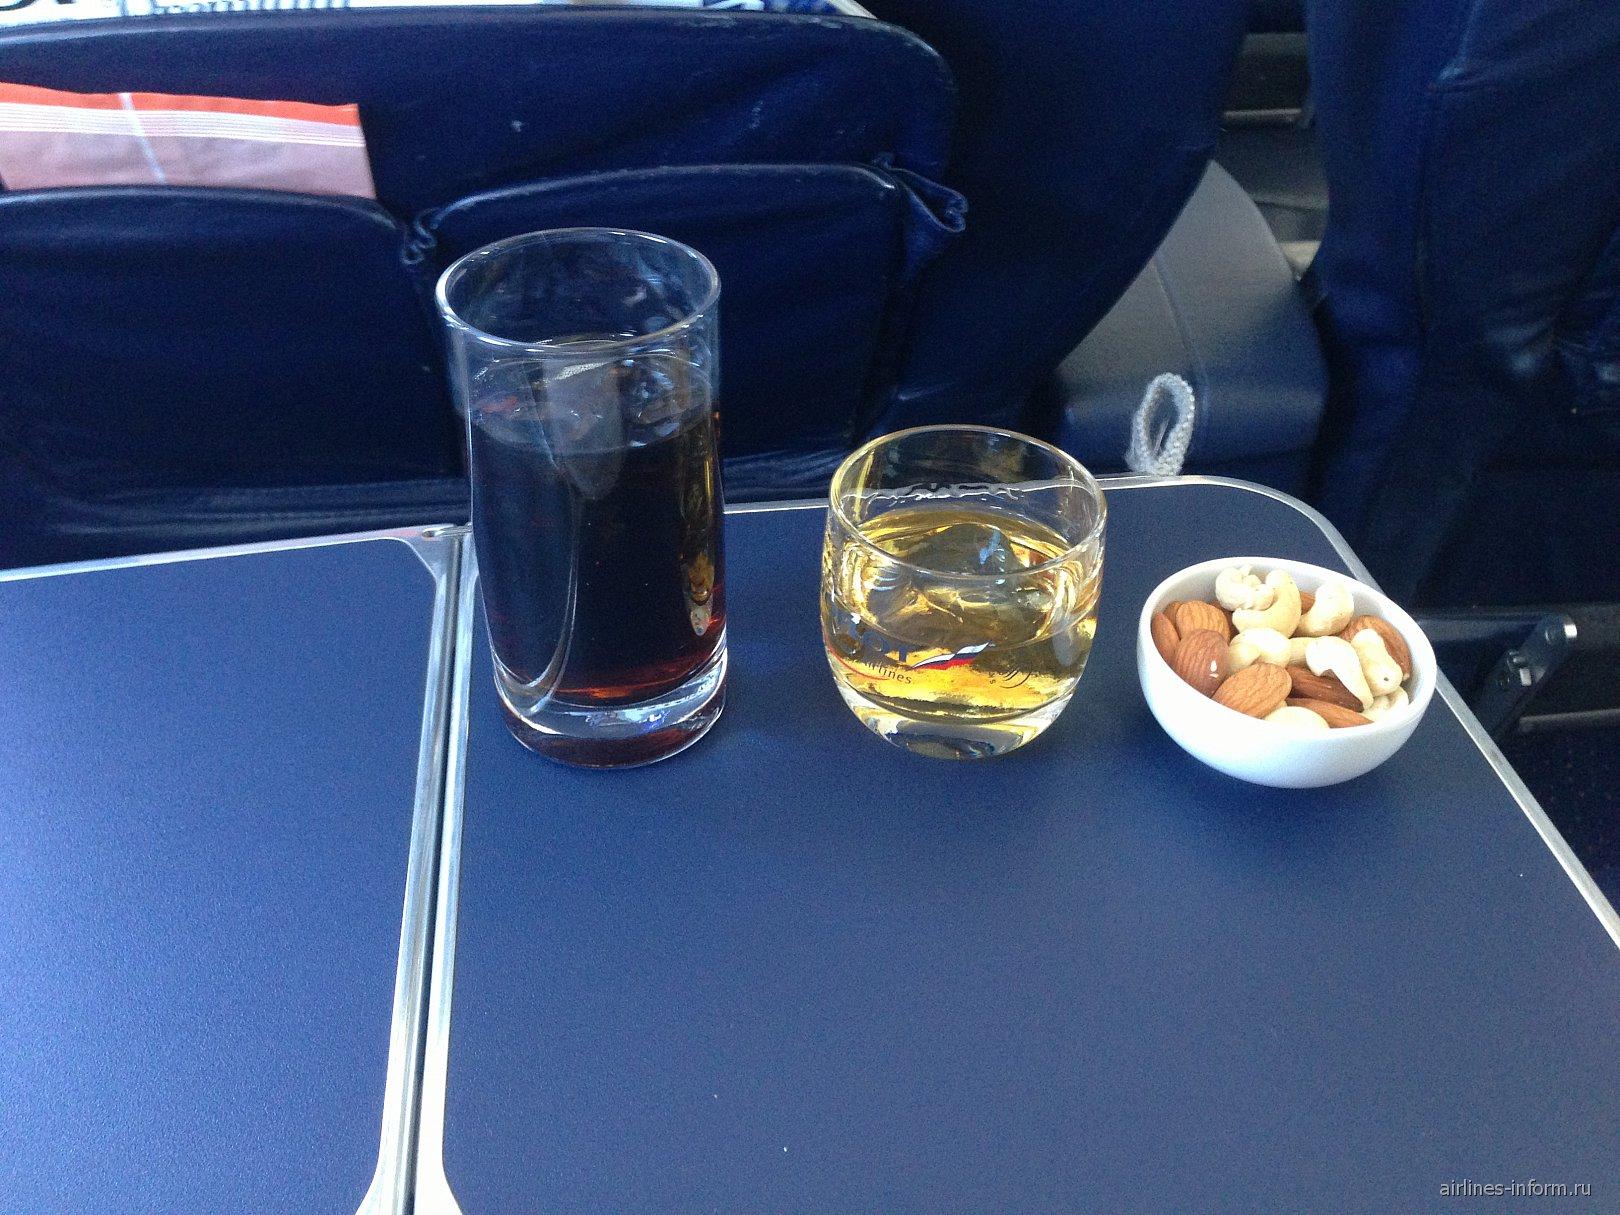 Напитки бизнес-класса на рейсе авиакмпании Аэрофлот Москва-Екатеринбург